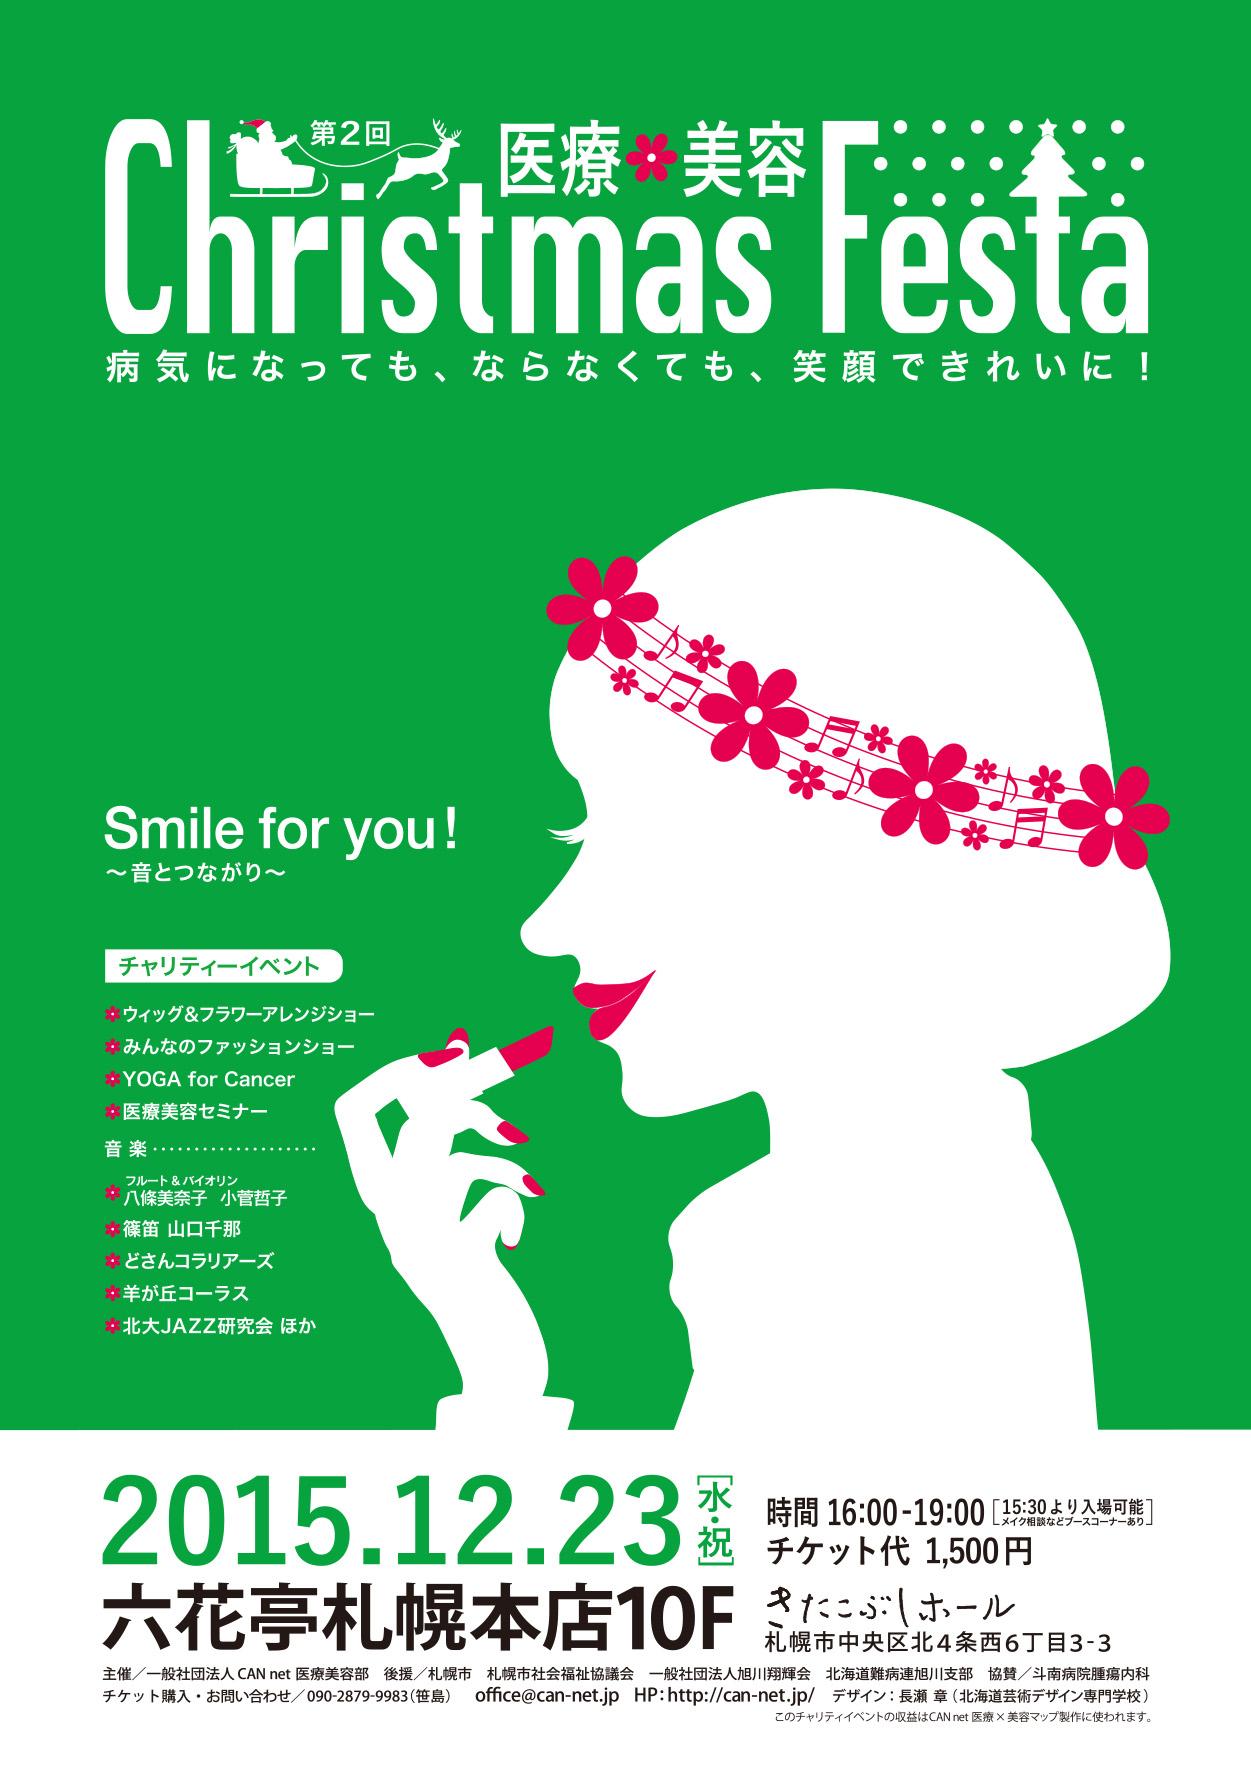 「「第2回 医療×美容 クリスマスフェスタ」 に出展します!」のアイキャッチ画像